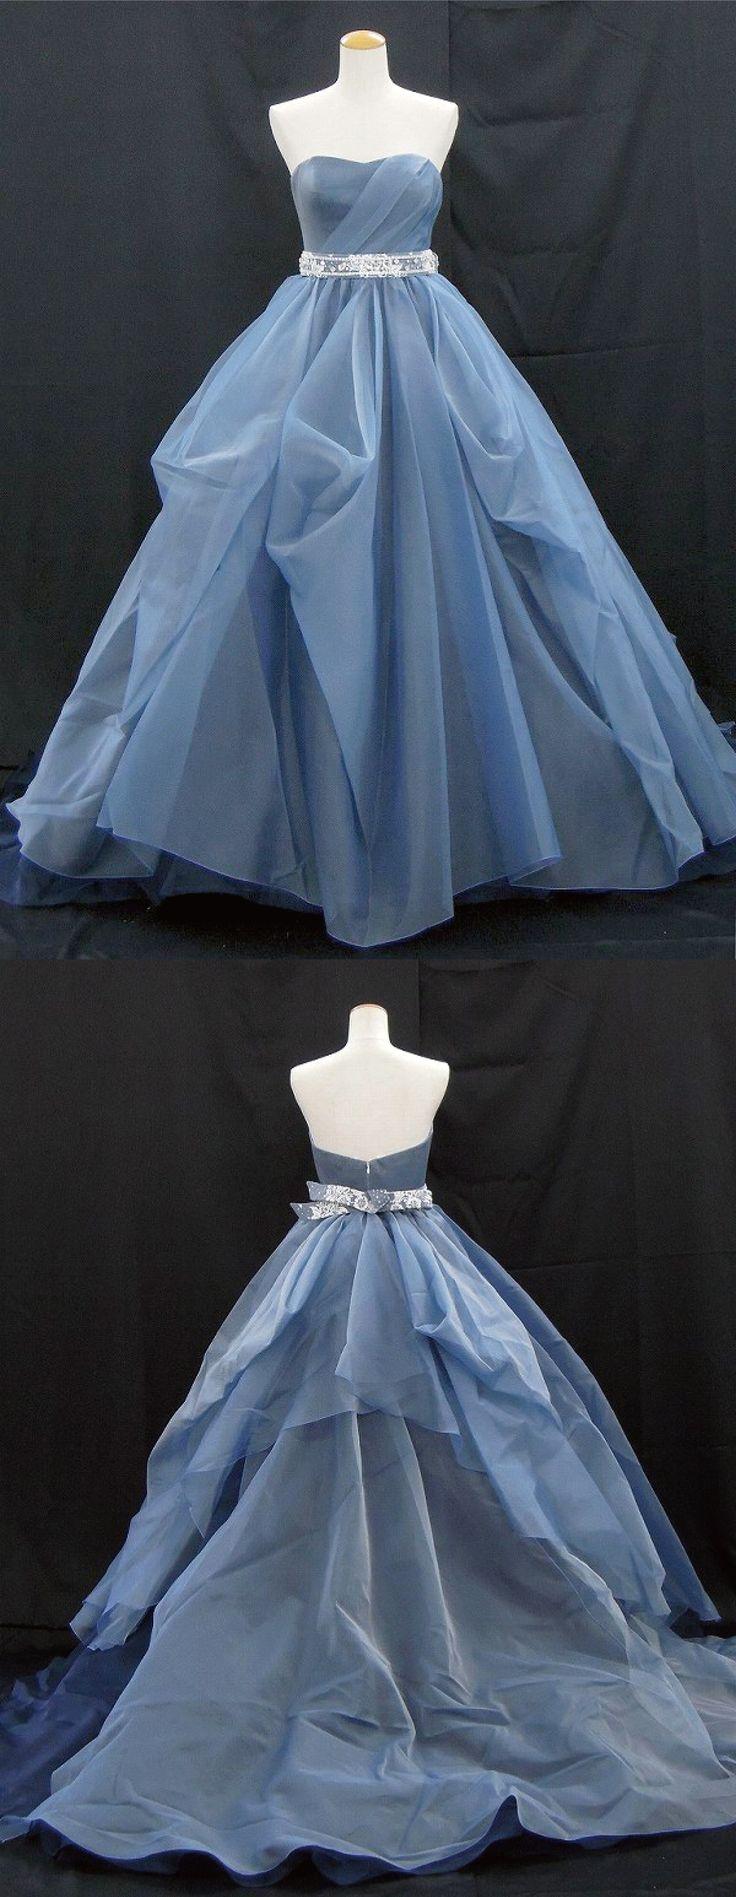 【新作ドレス】芦屋本店/プリンセスラインのカクテルドレスMilanda(ミランダ)。イタリア製のシルクオーガンジーとフランス製のリバーレースを使用しています。繊細で透明感のあるオーガンジーをスモーキーなブルーとネイビーに染め上げることで、深みのある美しいグラデーションを生み出しています。ソフトハートカットのビスチェに流れるようなドレーピング、スカートはシンメトリーにタッキングを施すことで動きを出しています。ウエストにはリバーレースを包んだビーディングベルトできらめきを!大人の可愛らしさを演出できるドレスです。